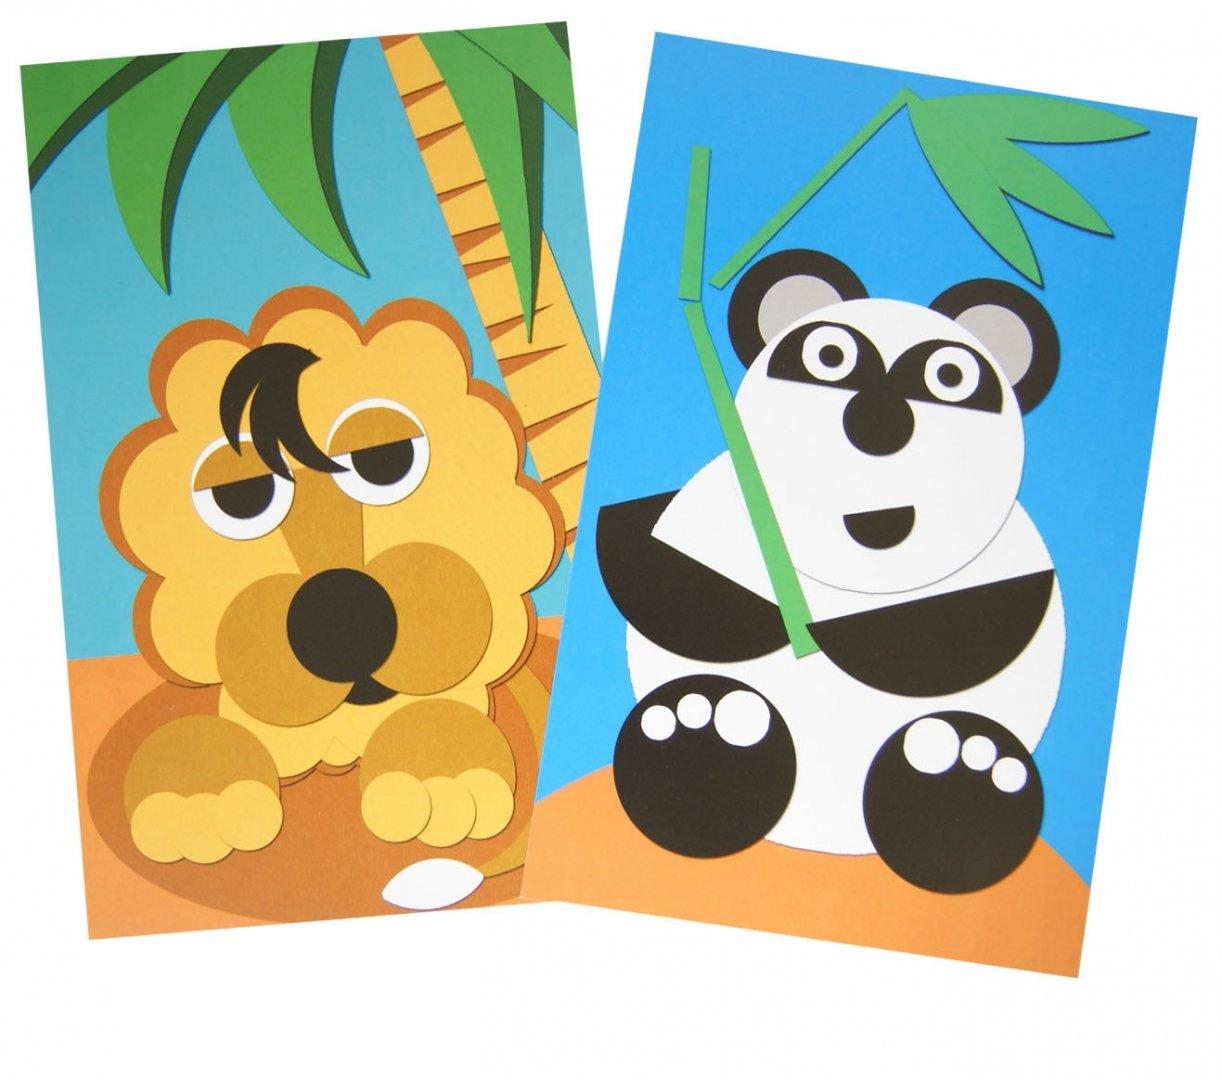 Иллюстрация 1 из 2 для Аппликации. Веселые звери. 15 карточек - Сергей Афонькин   Лабиринт - книги. Источник: Лабиринт